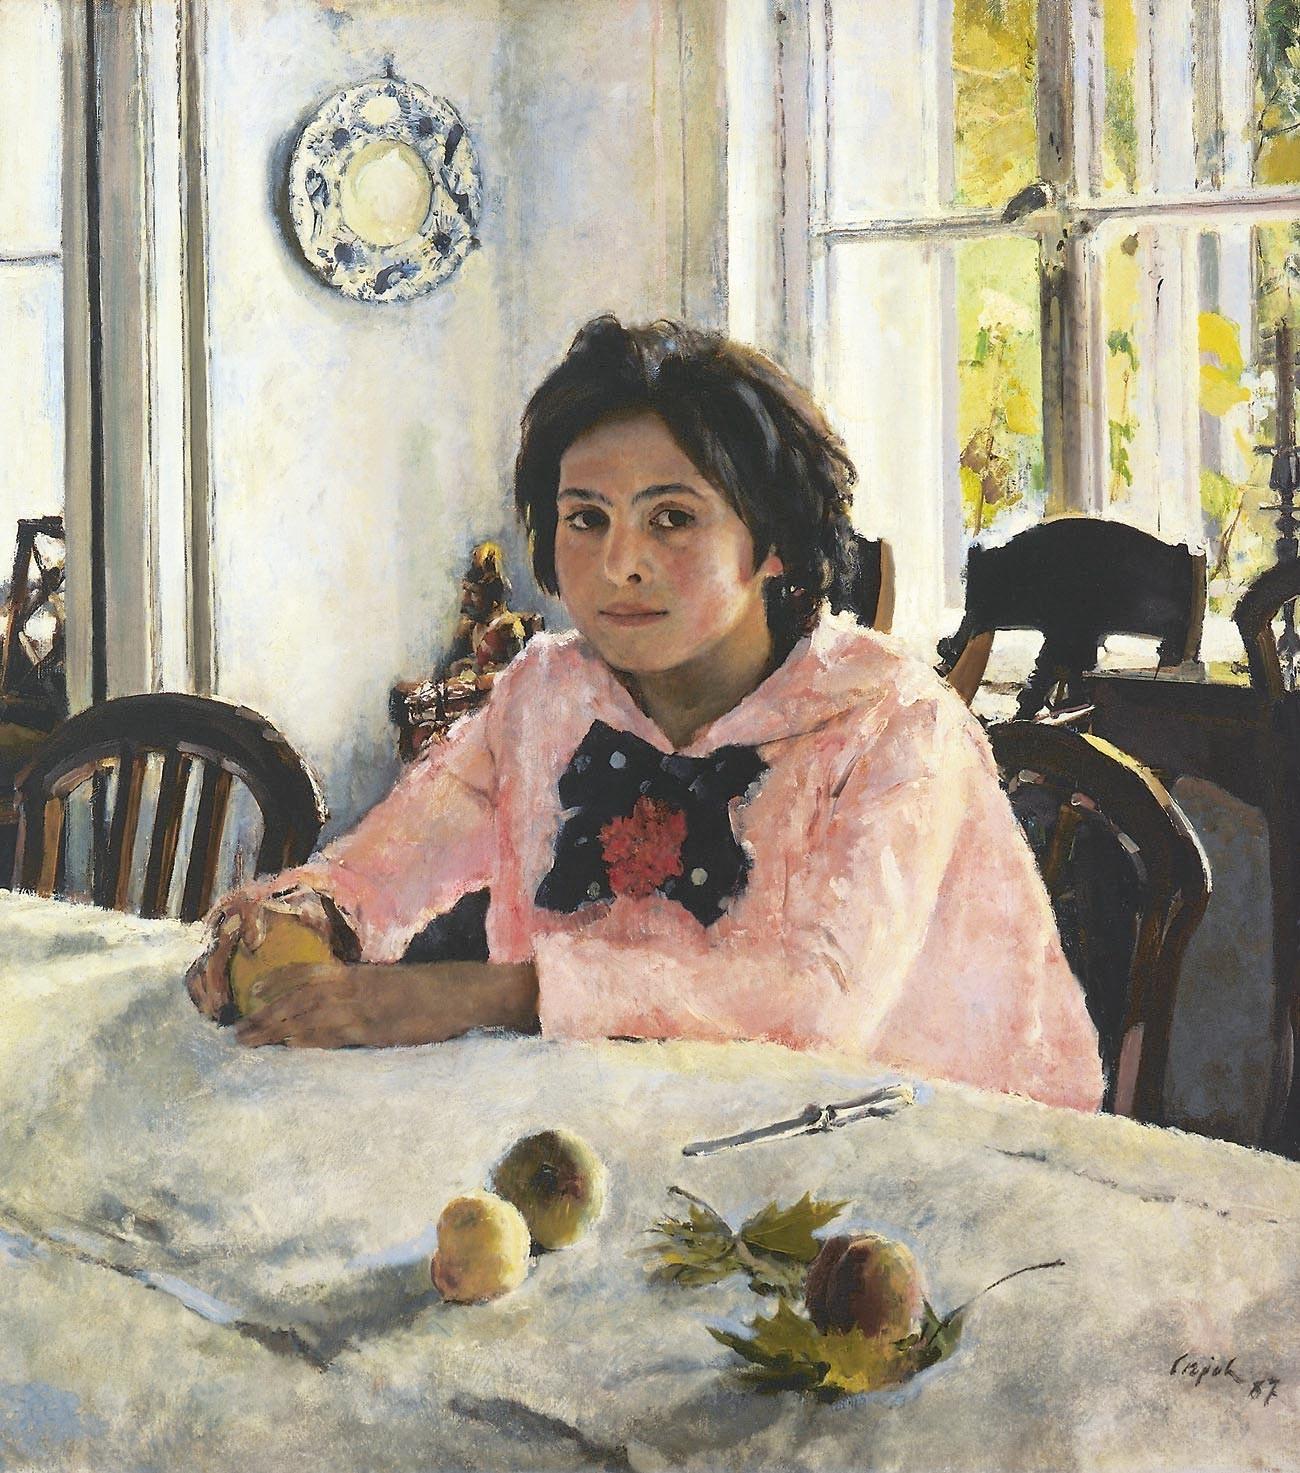 Valentin Serov. Dekle z breskvami, 1887